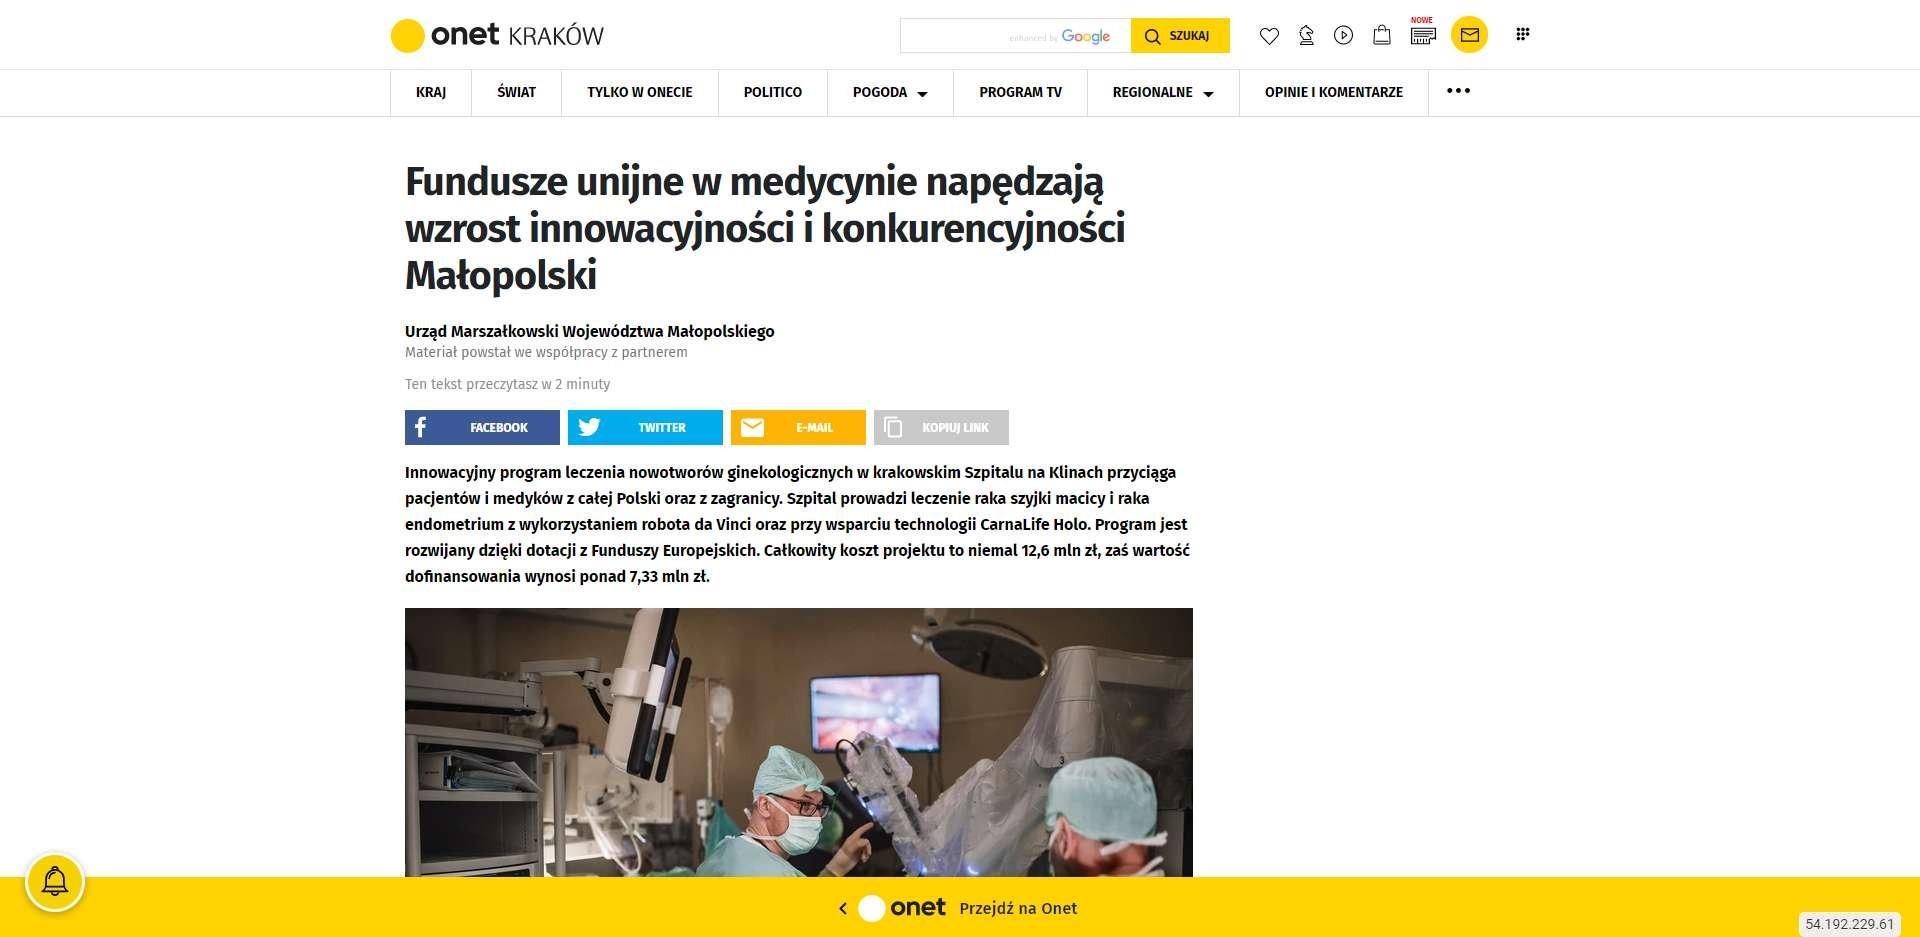 fundusze unijne w medycynie napedzaja wzrost innowacyjnosci i konkurencyjnosci malopolski